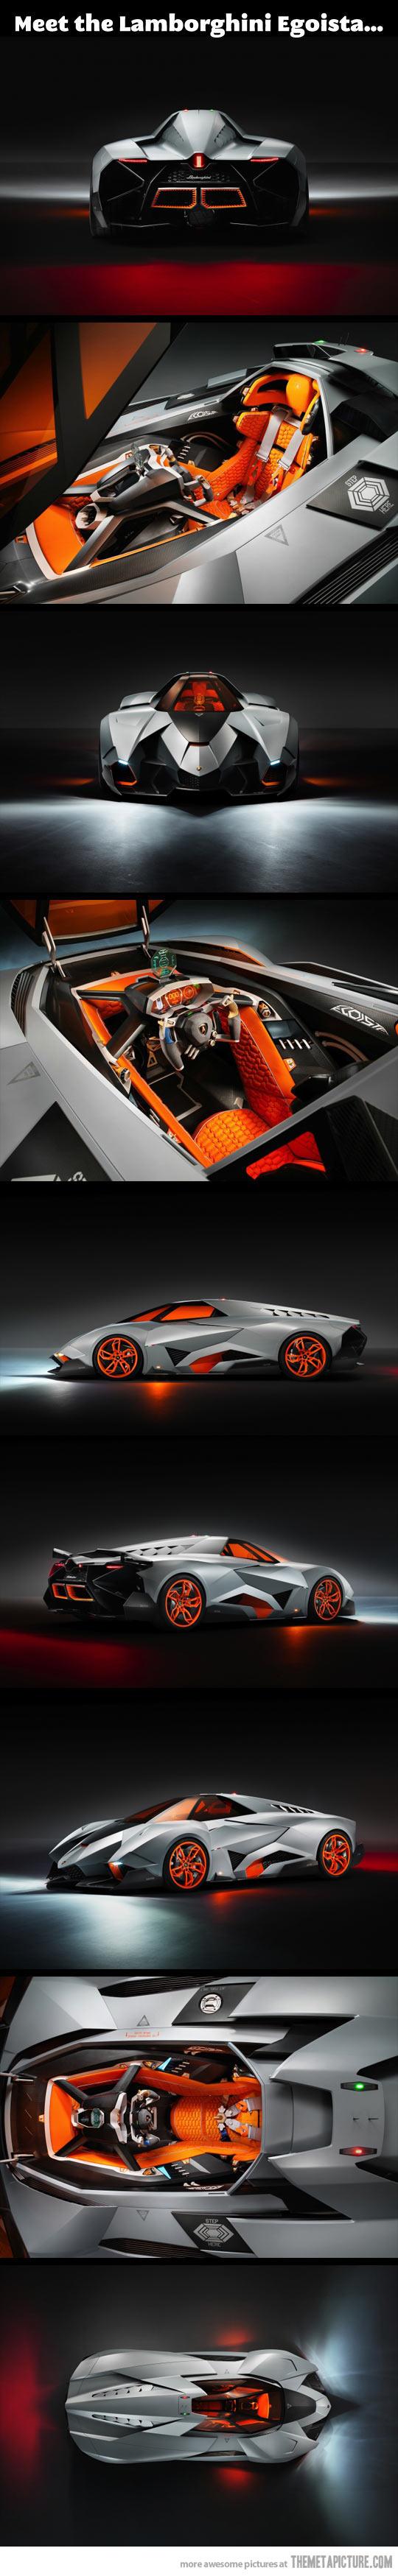 Forget The Batmobile I Want The Lamborghini Egoista For The Road